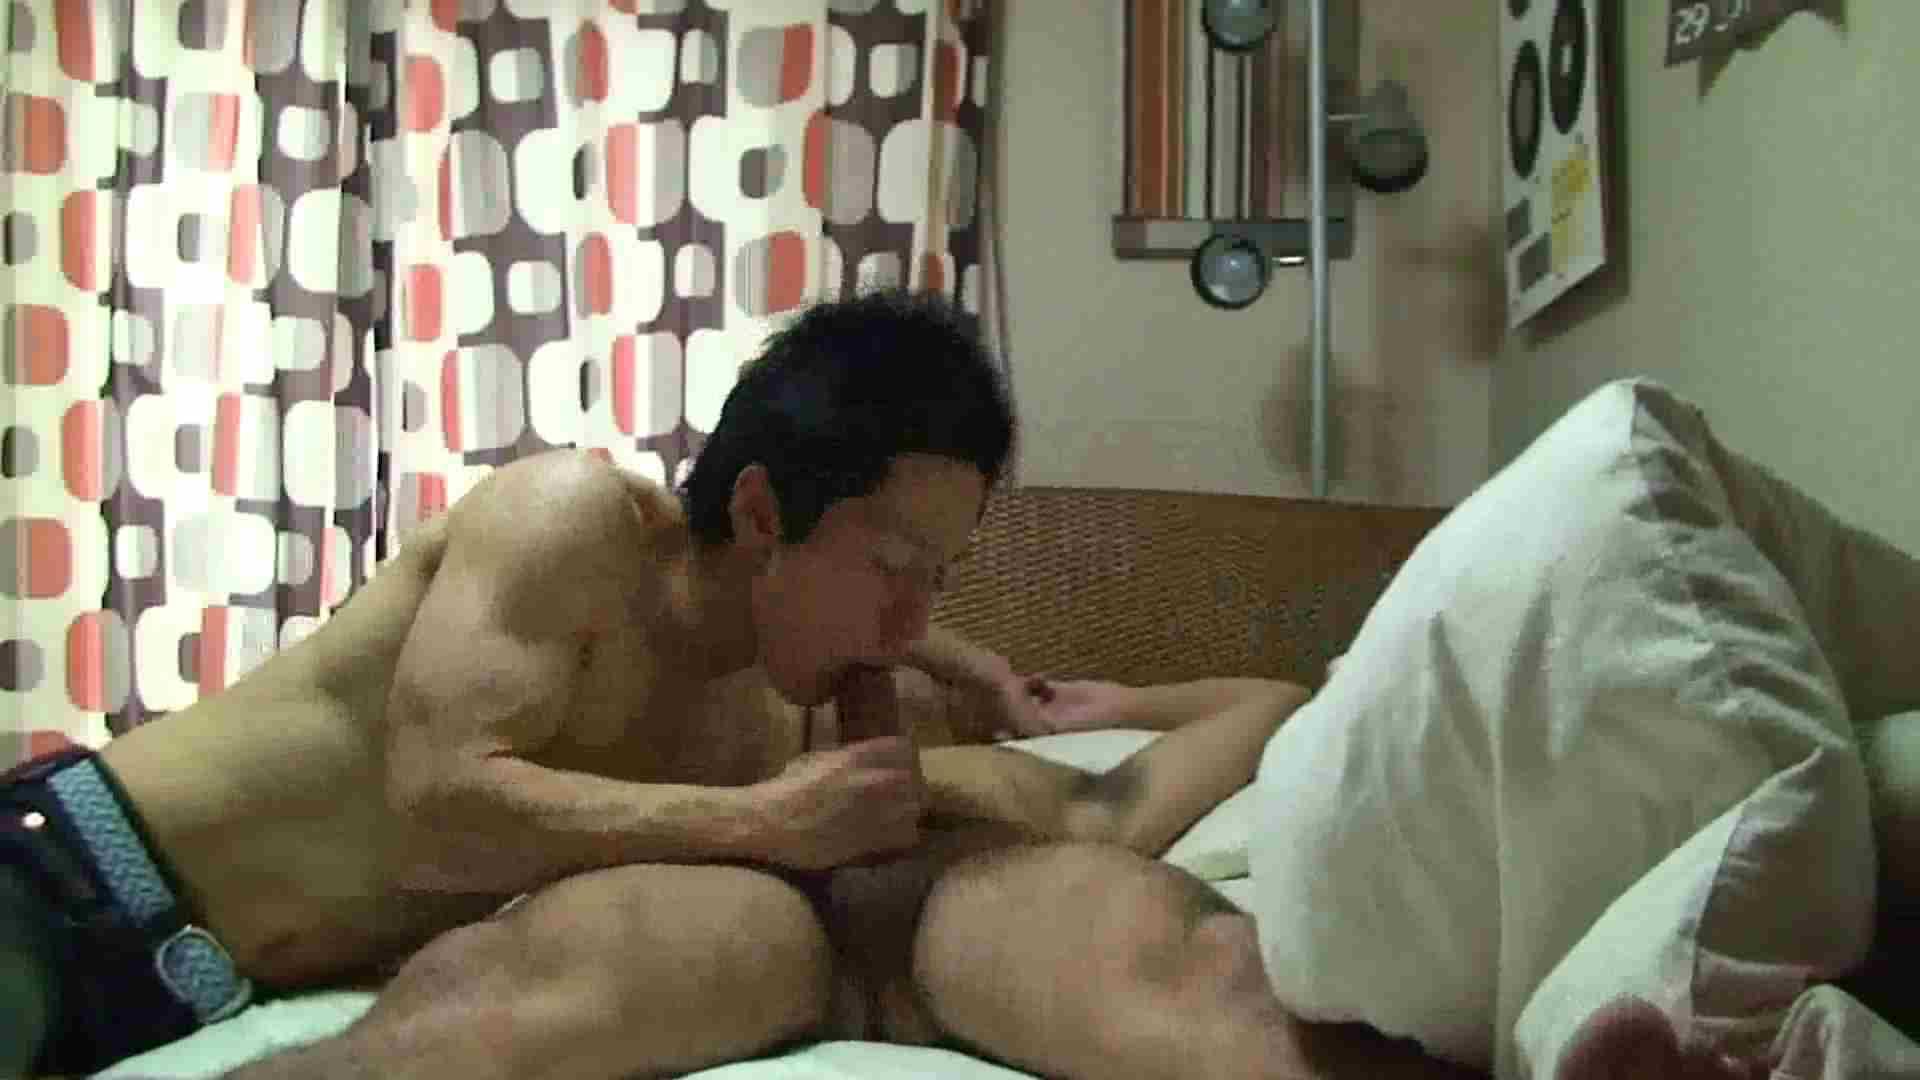 ゲイザーメン動画|流出!ダイくんとノンケくんの秘密の関係VOL.01|ミサイルゲイボーイ